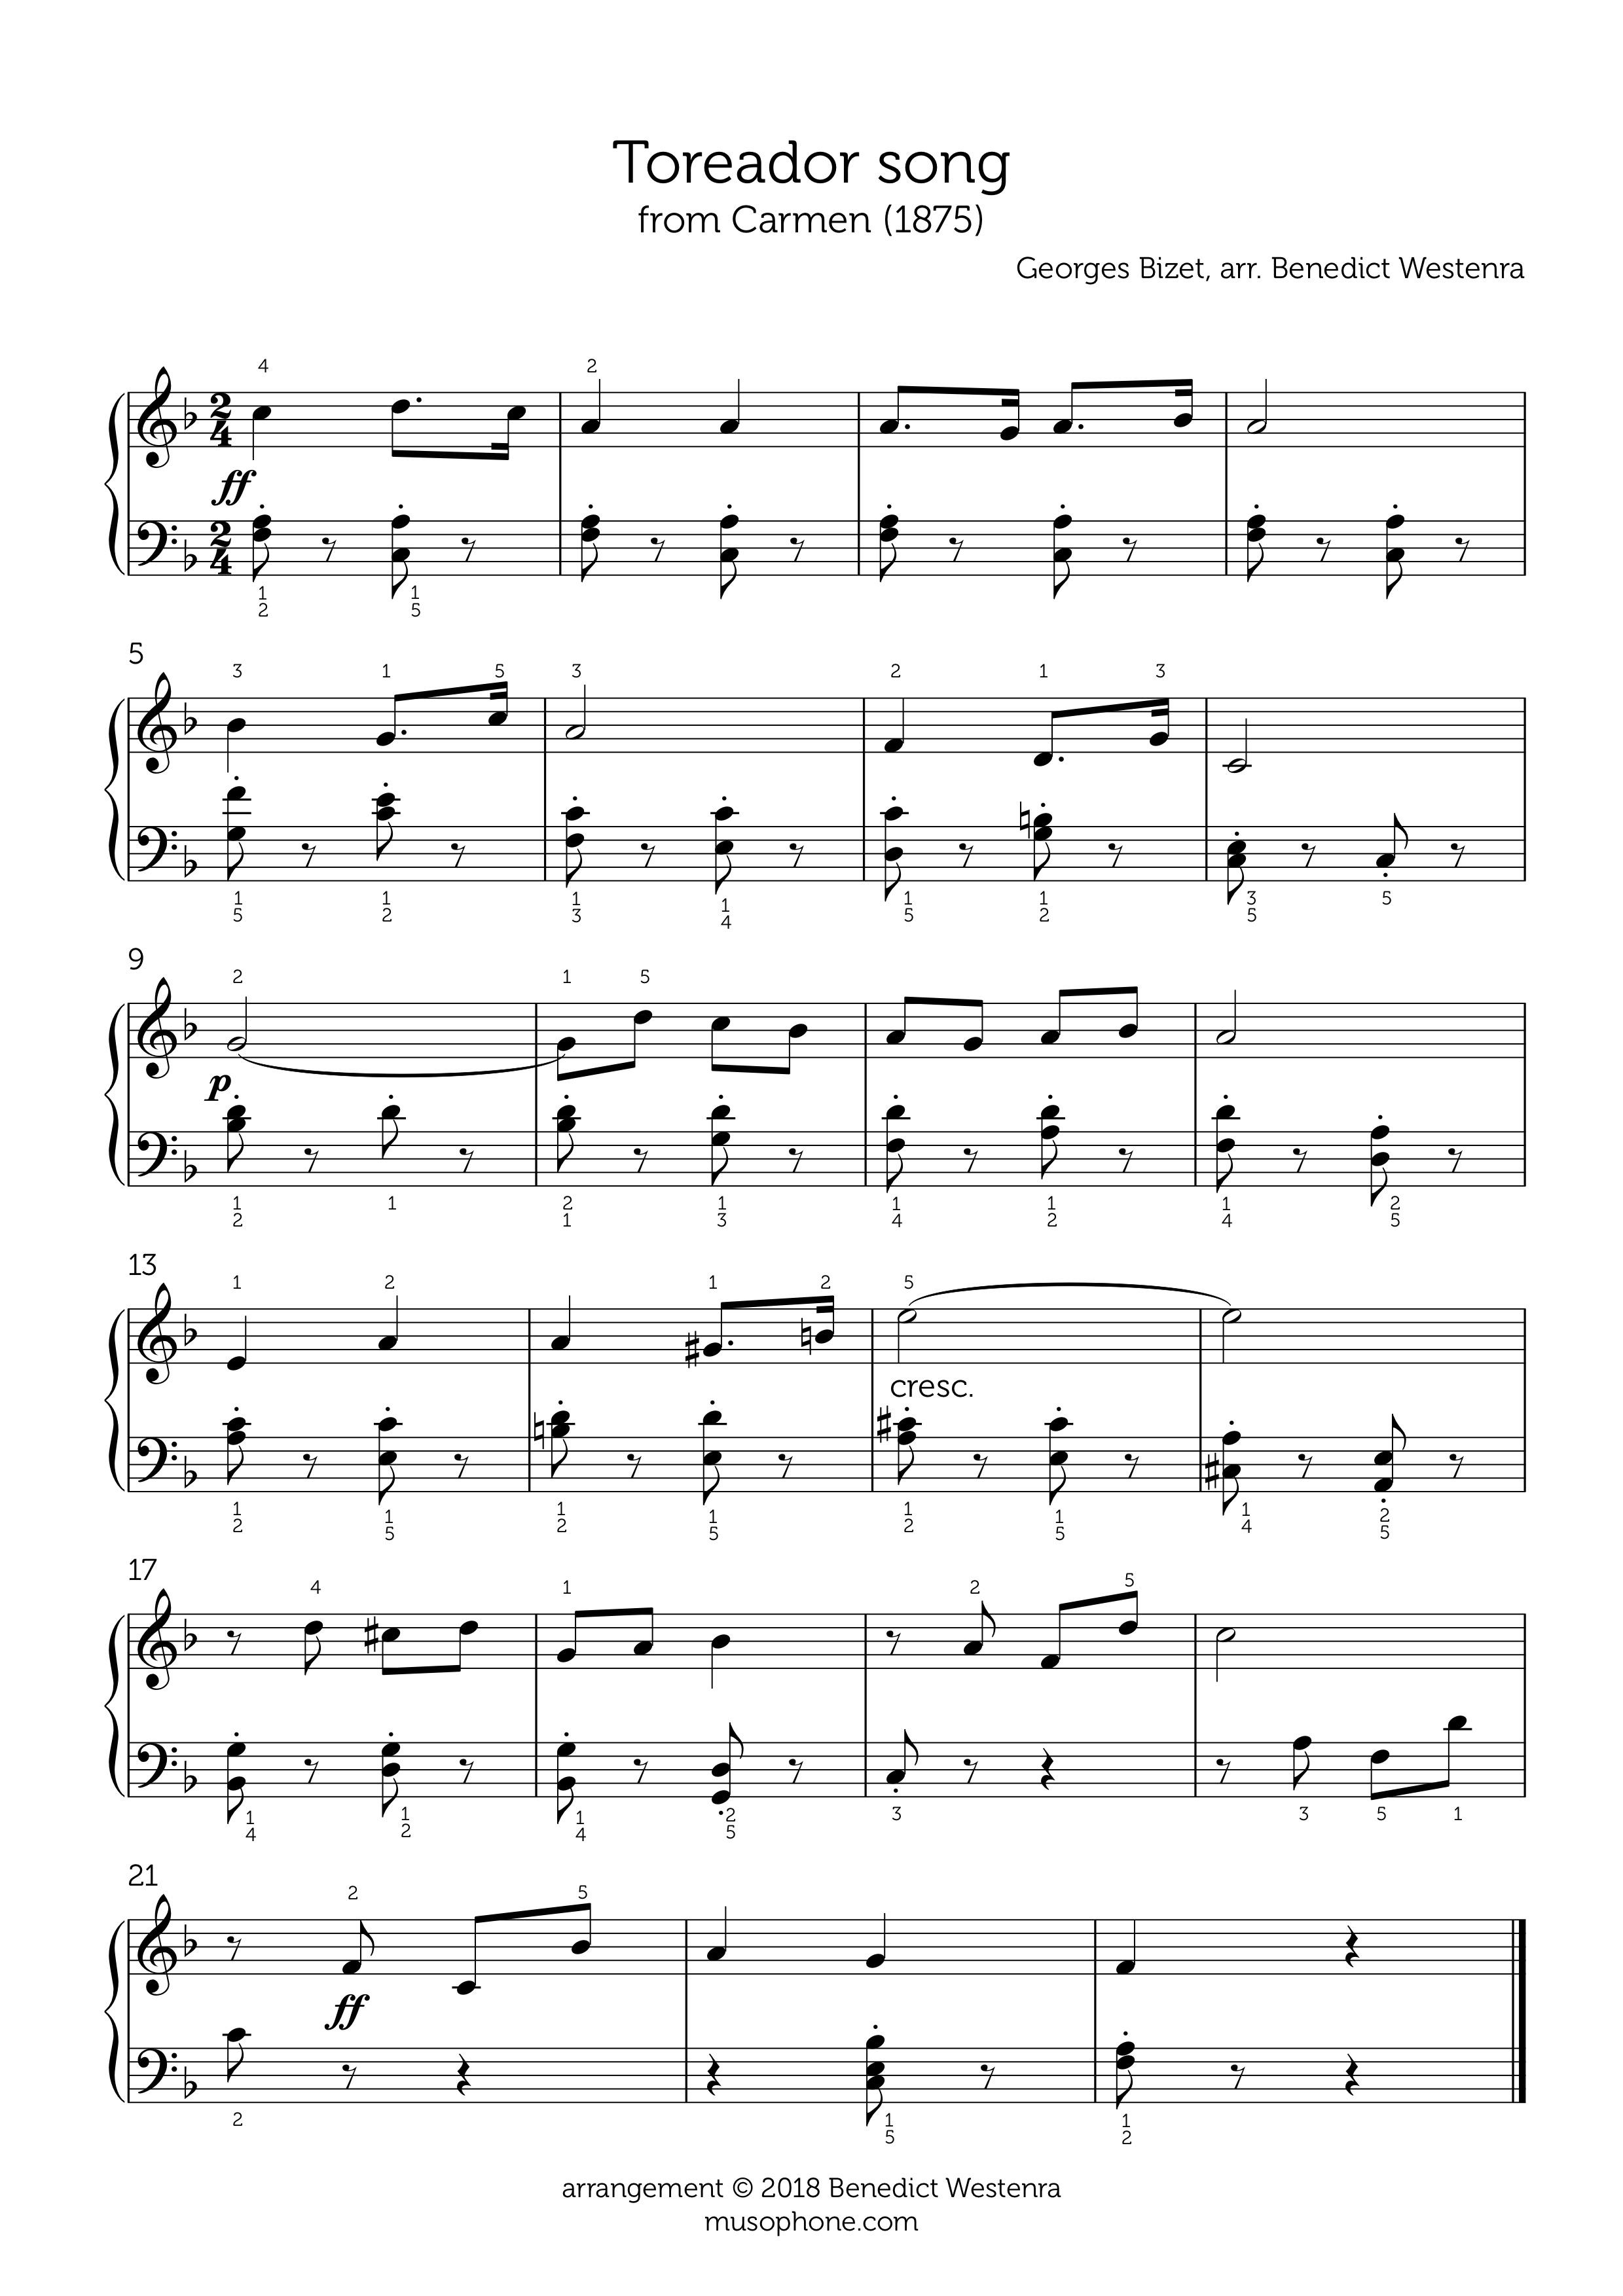 Toreador song